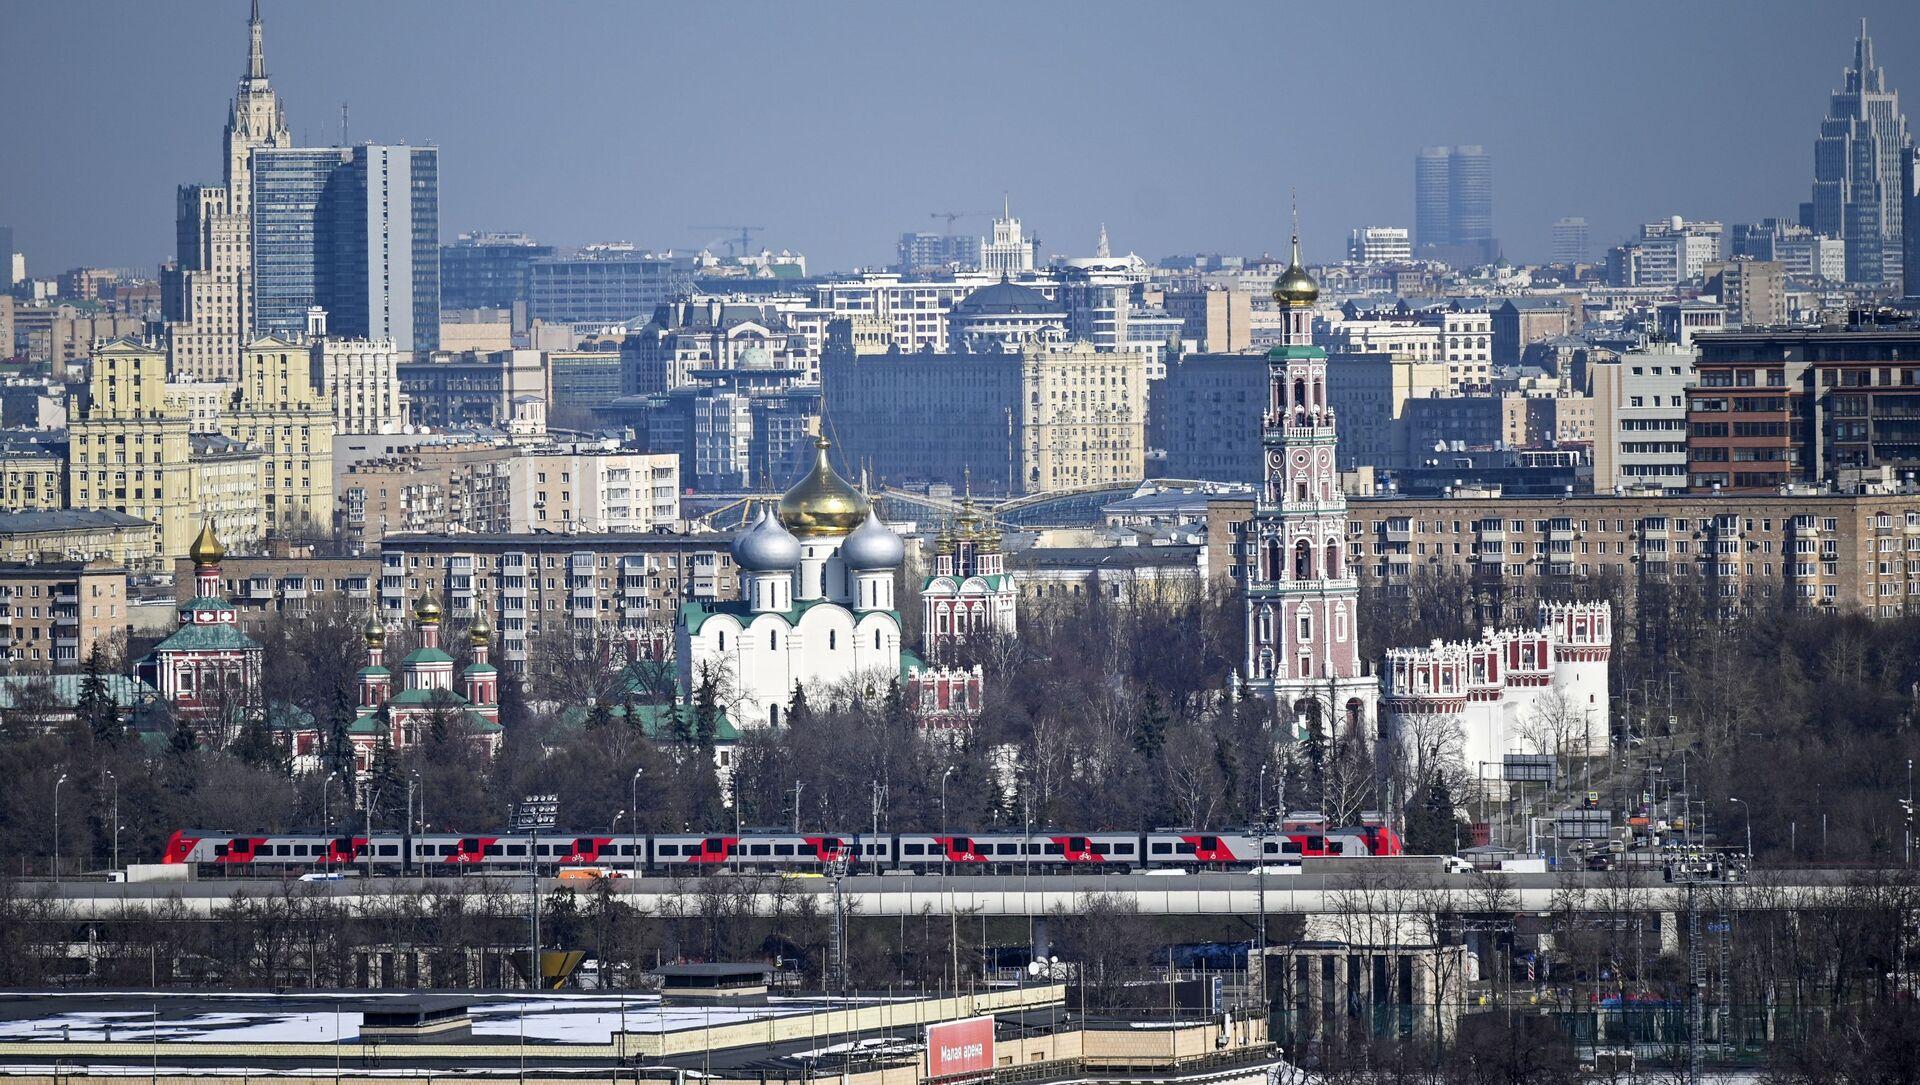 Quang cảnh từ đài quan sát trên Đồi Chim sẻ (Vorobyovy Gory) ở Moskva - Sputnik Việt Nam, 1920, 28.03.2021